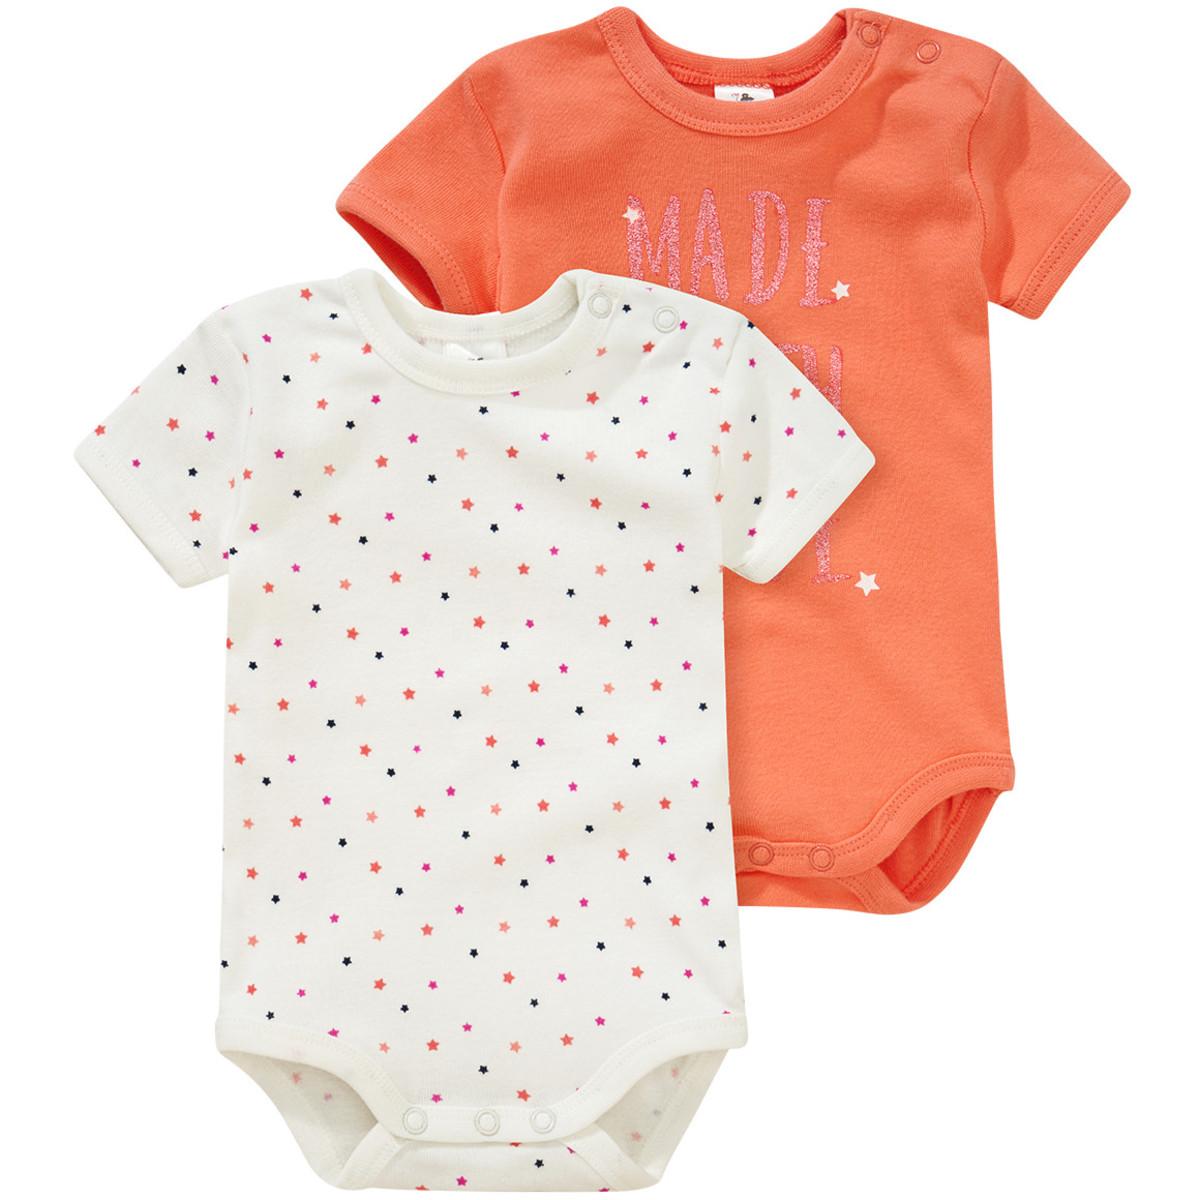 Bild 1 von 2 Baby Bodys in verschiedenen Designs